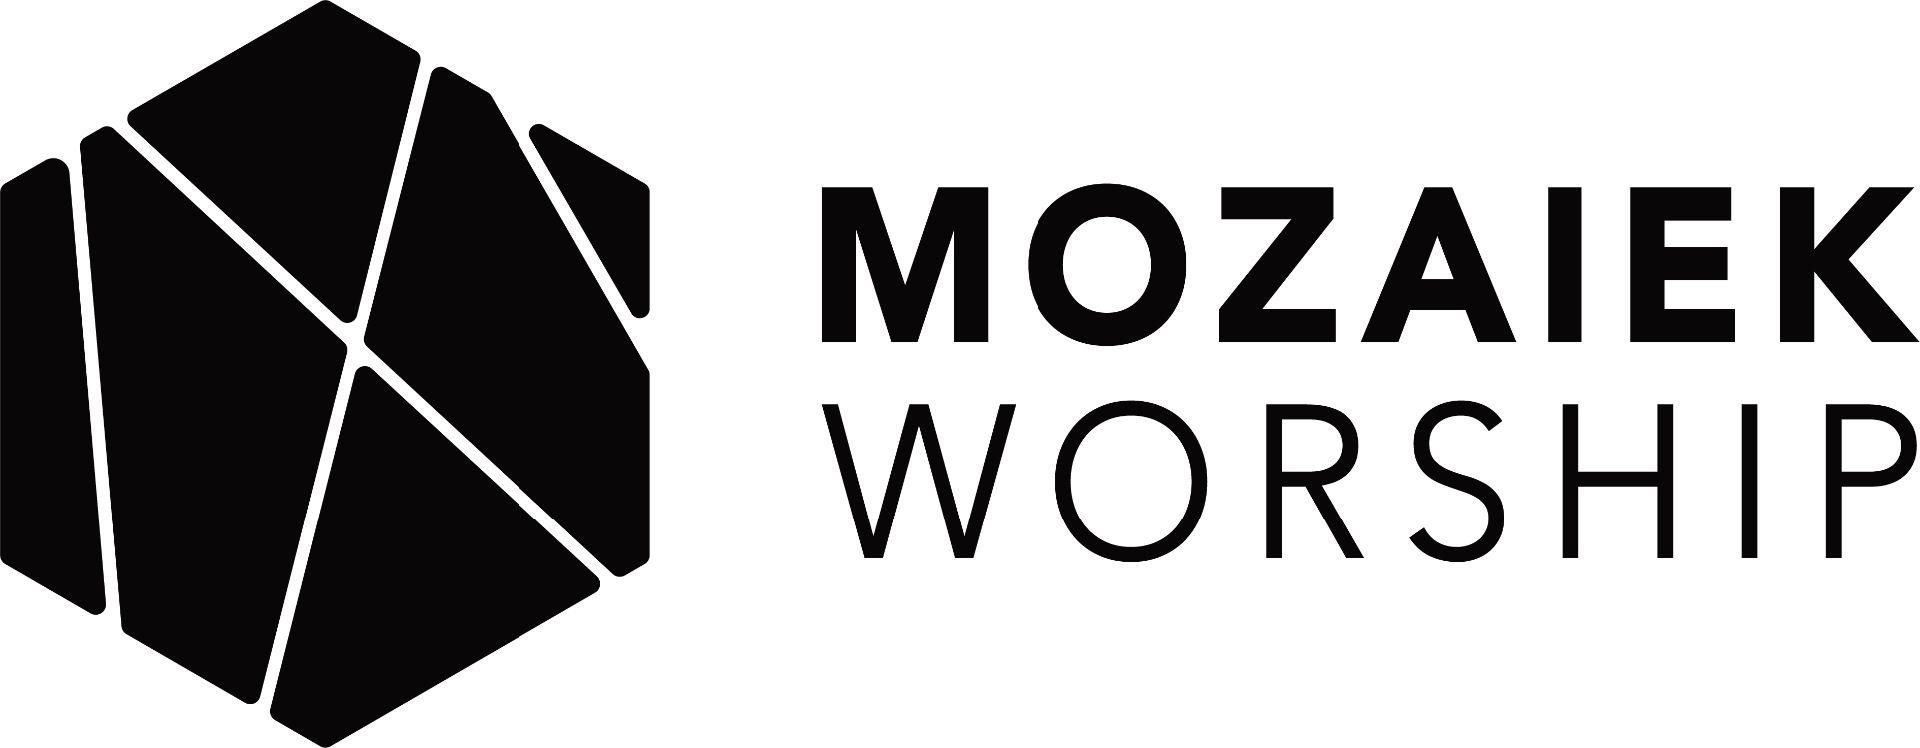 Mozaiek Worship